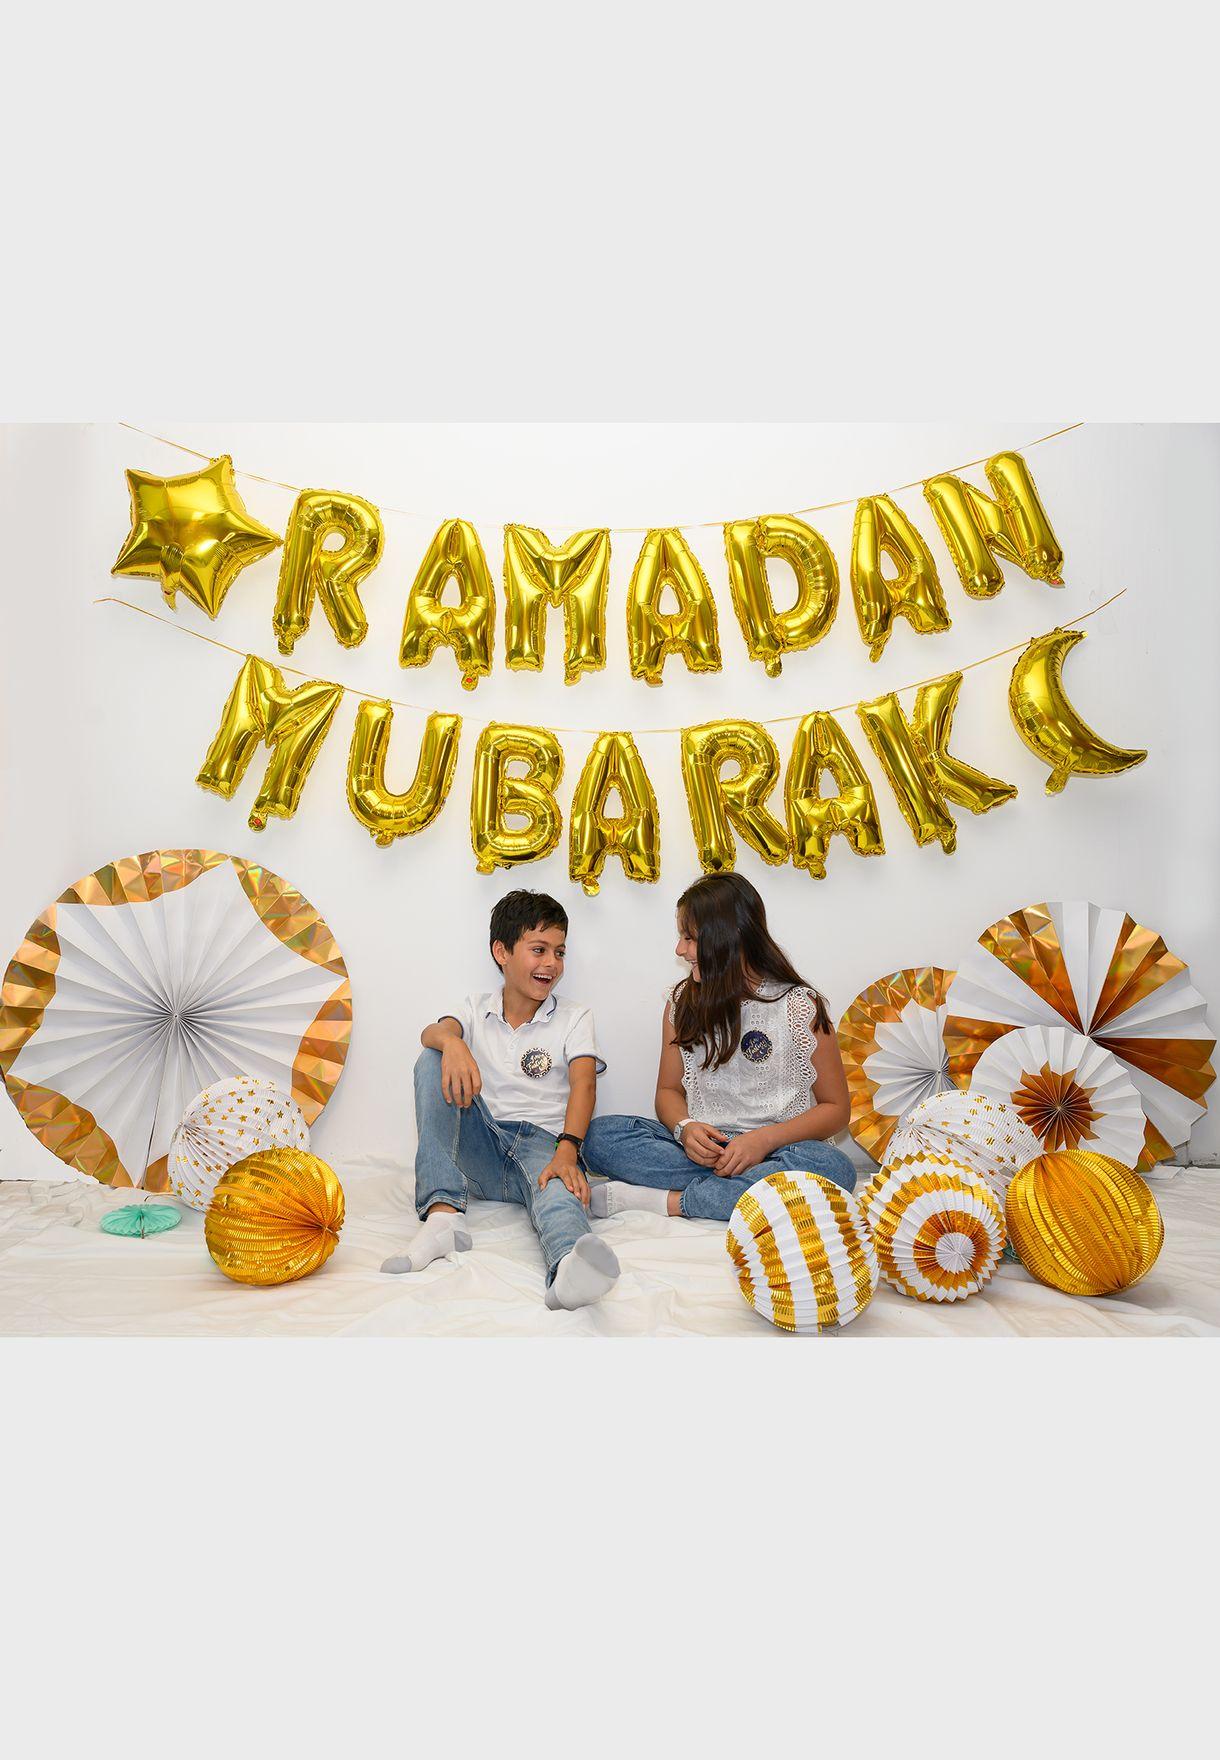 بالونات احرف Ramadan Mubarak للزينة